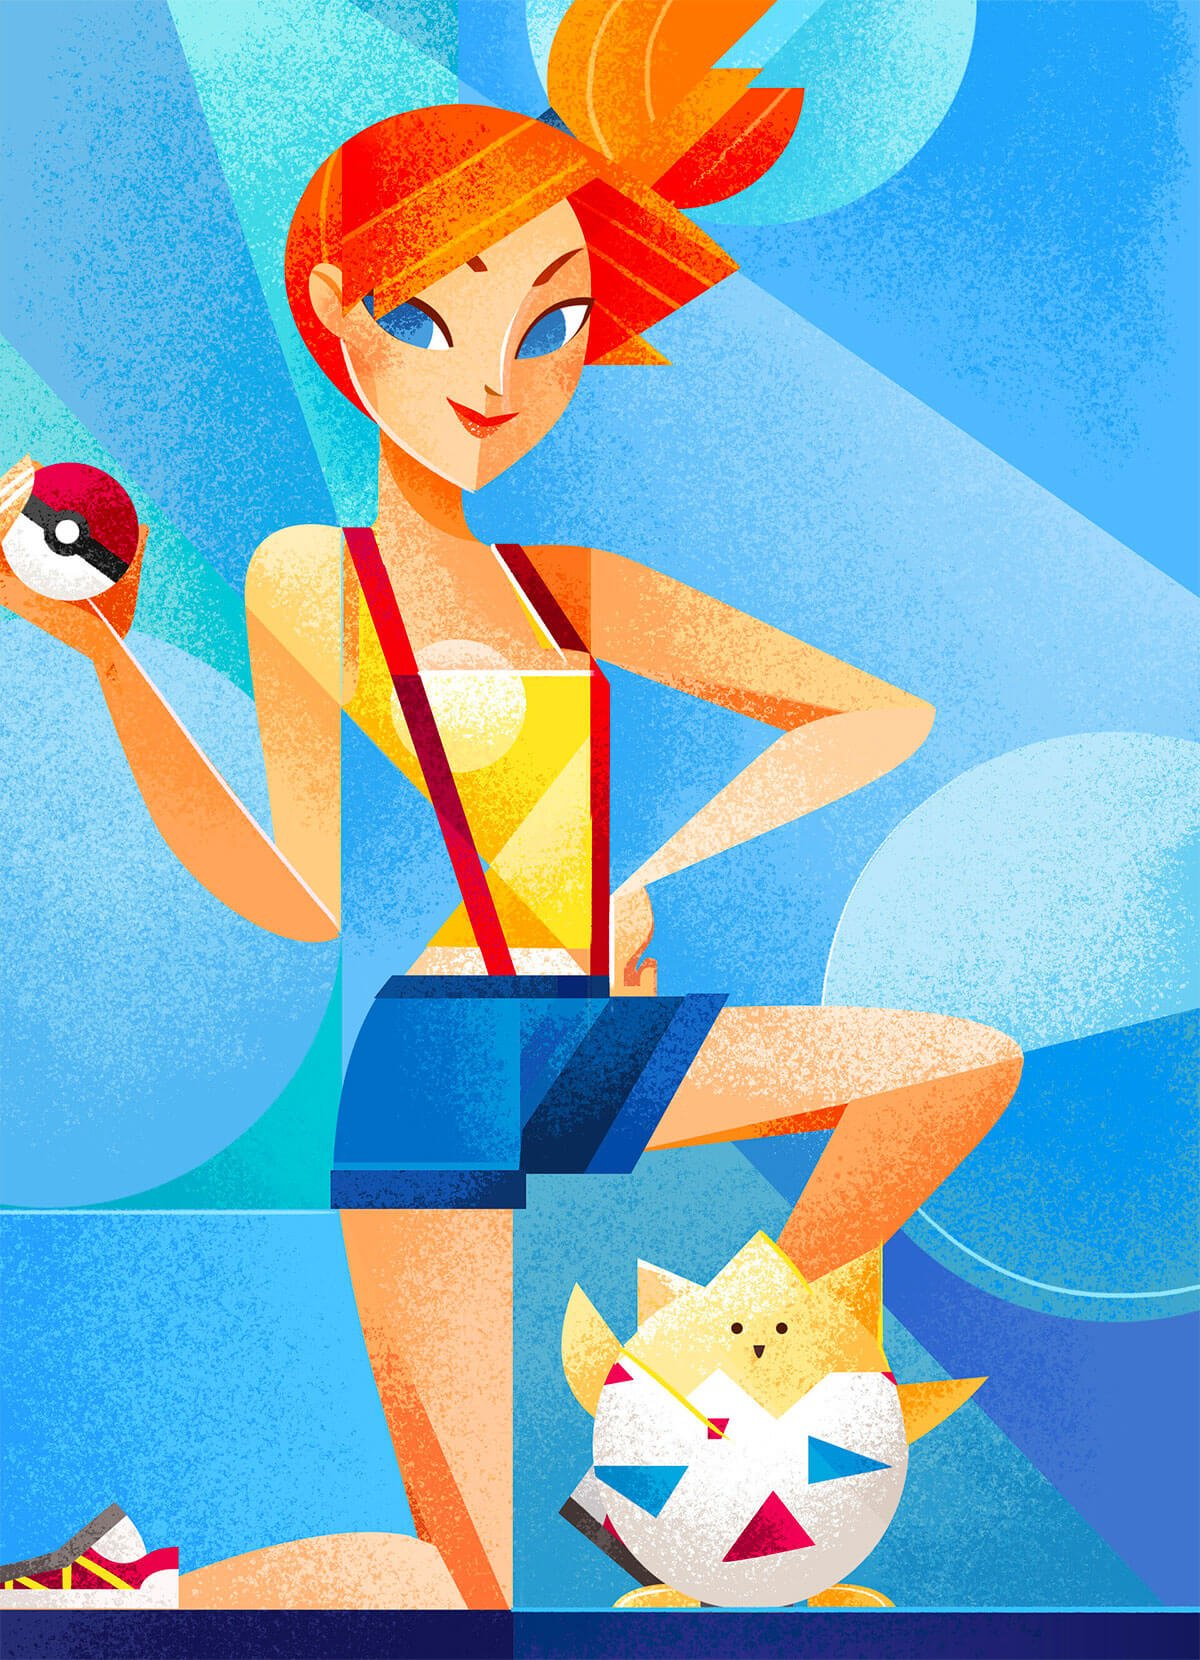 Pokemon Fanart by Christine Alcouffe